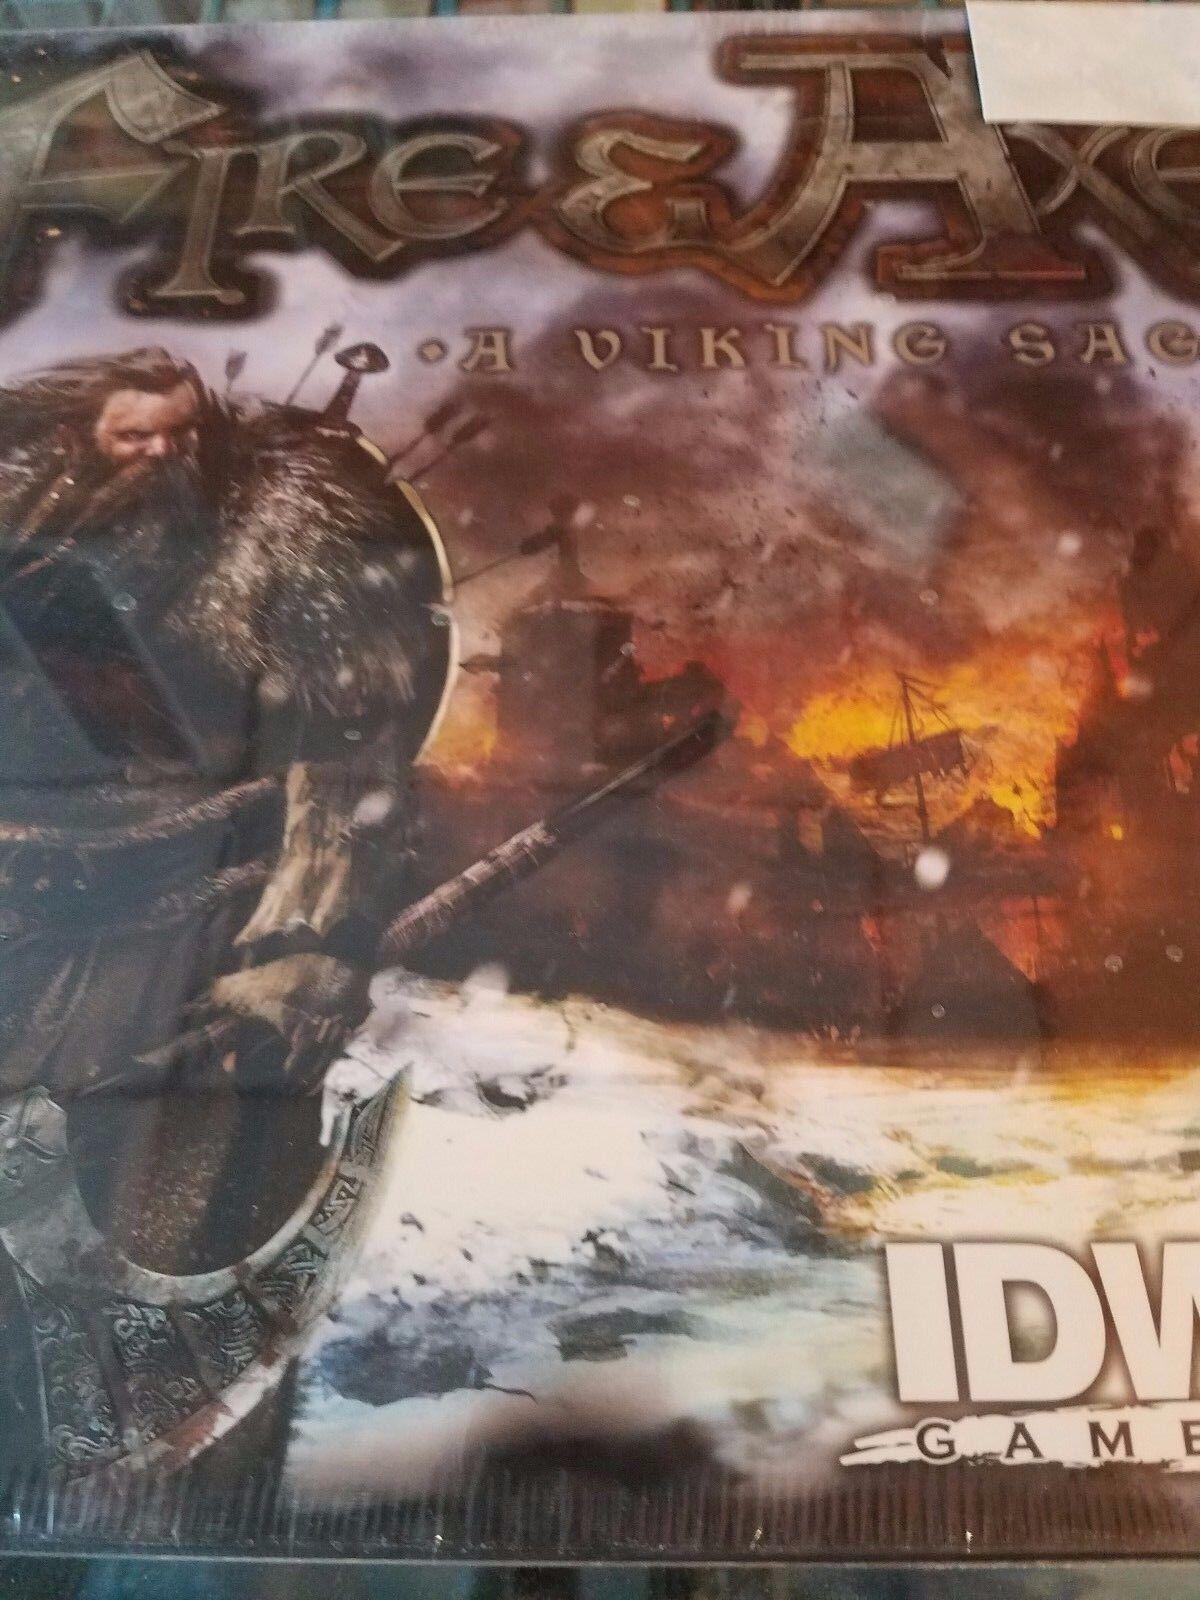 Fire & Axe - A Viking Saga - Board Game IDW Games New NIB